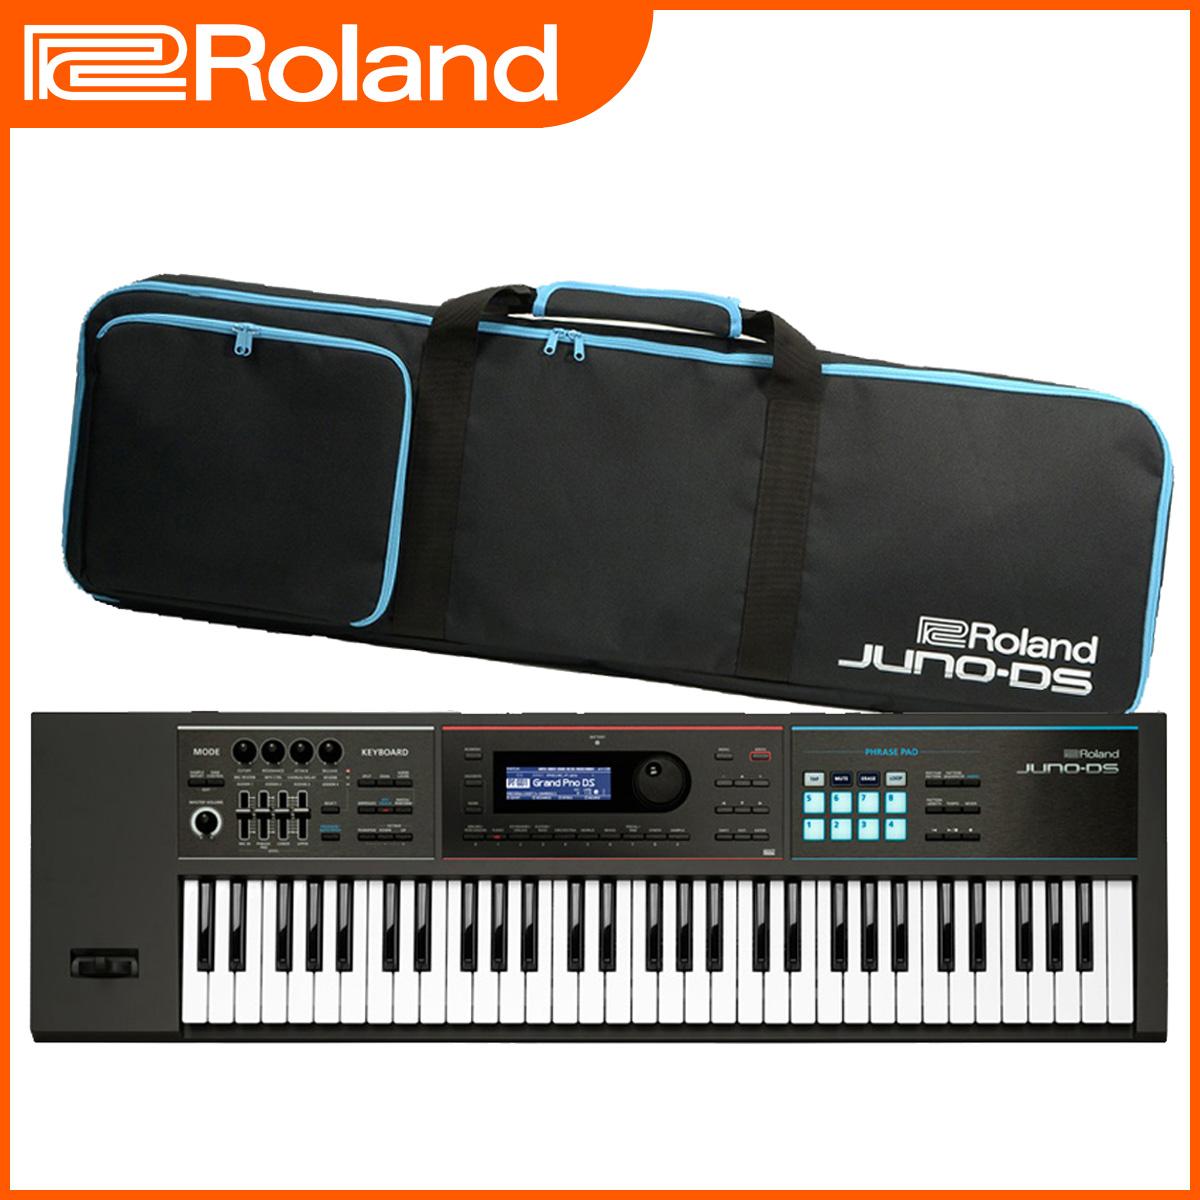 Roland ローランド / JUNO-DS61 シンセサイザー (JUNO-DS)《背負えるケース・特典付き:78610》【YRK】